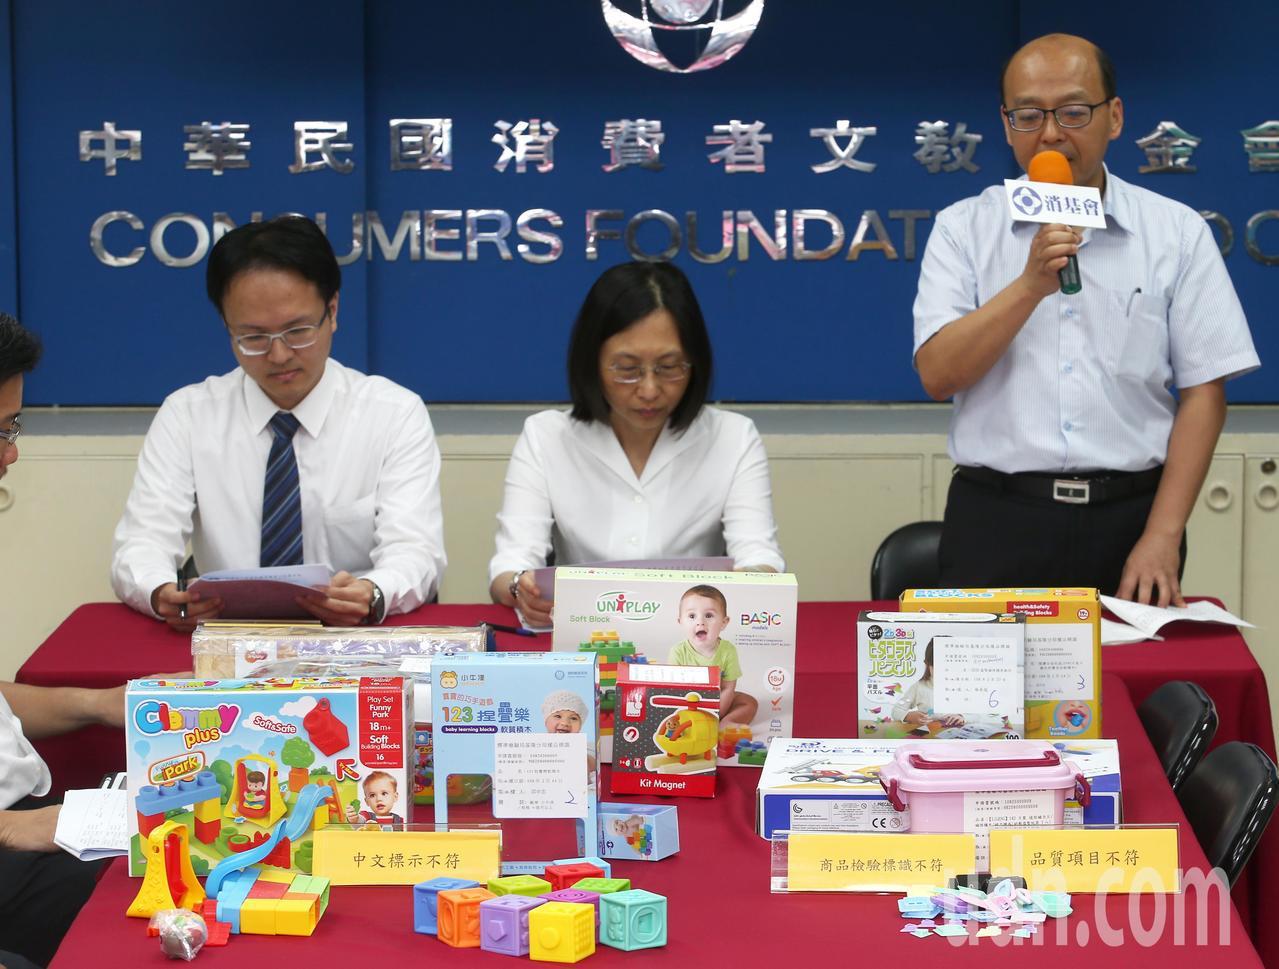 消基會上午公布「檢驗出3款積木玩具標示(識)不合格」,3款中文標示不符,其中一款...